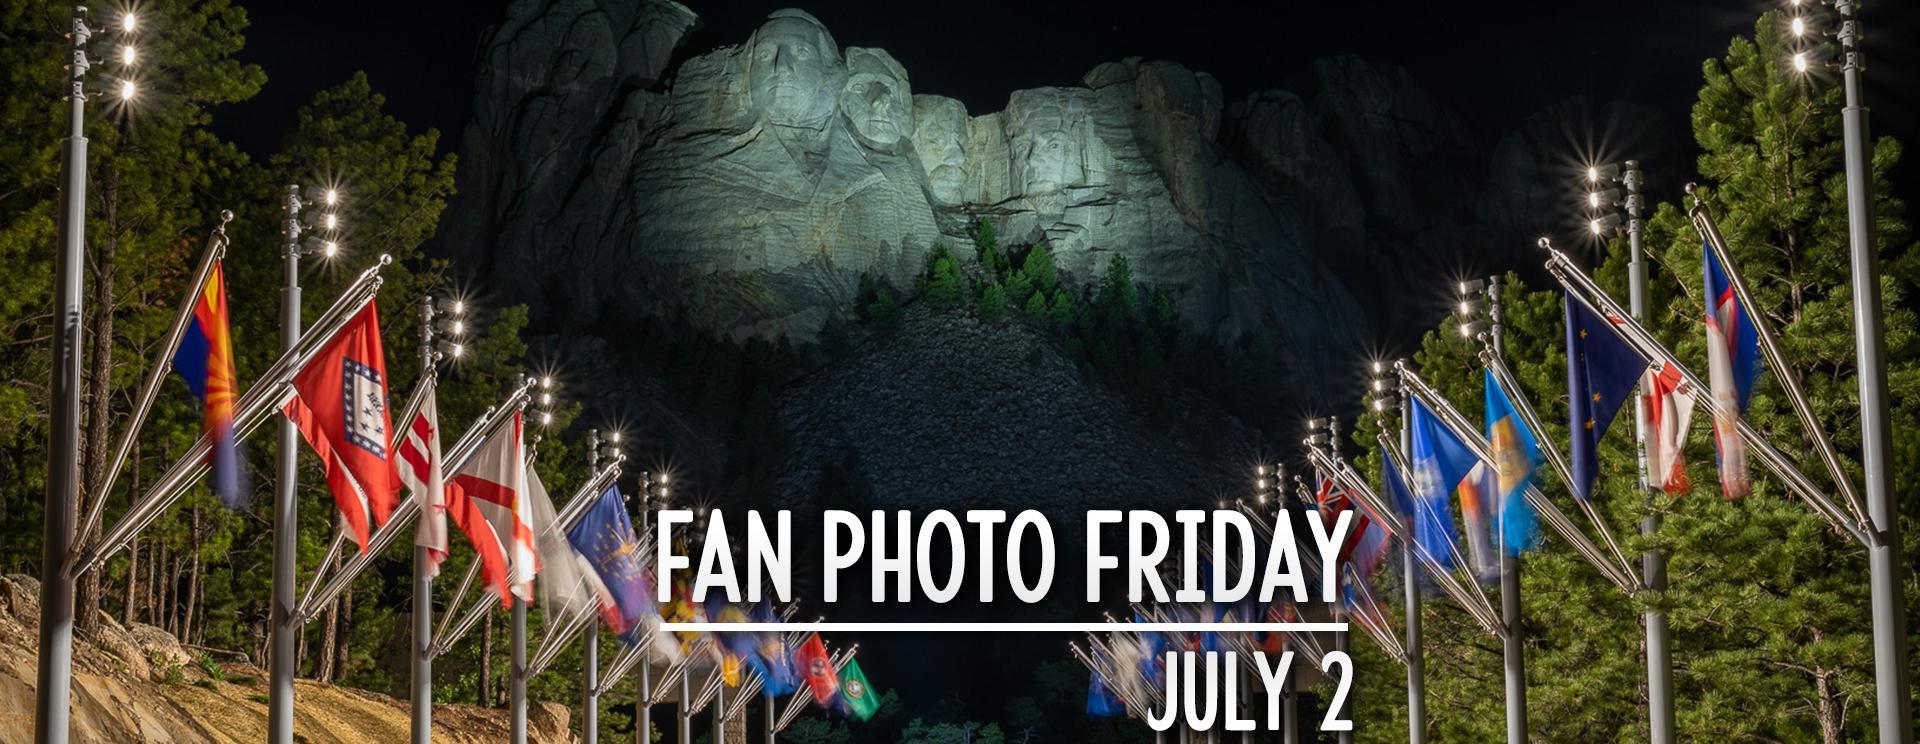 Fan Photo Friday   July 2, 2021